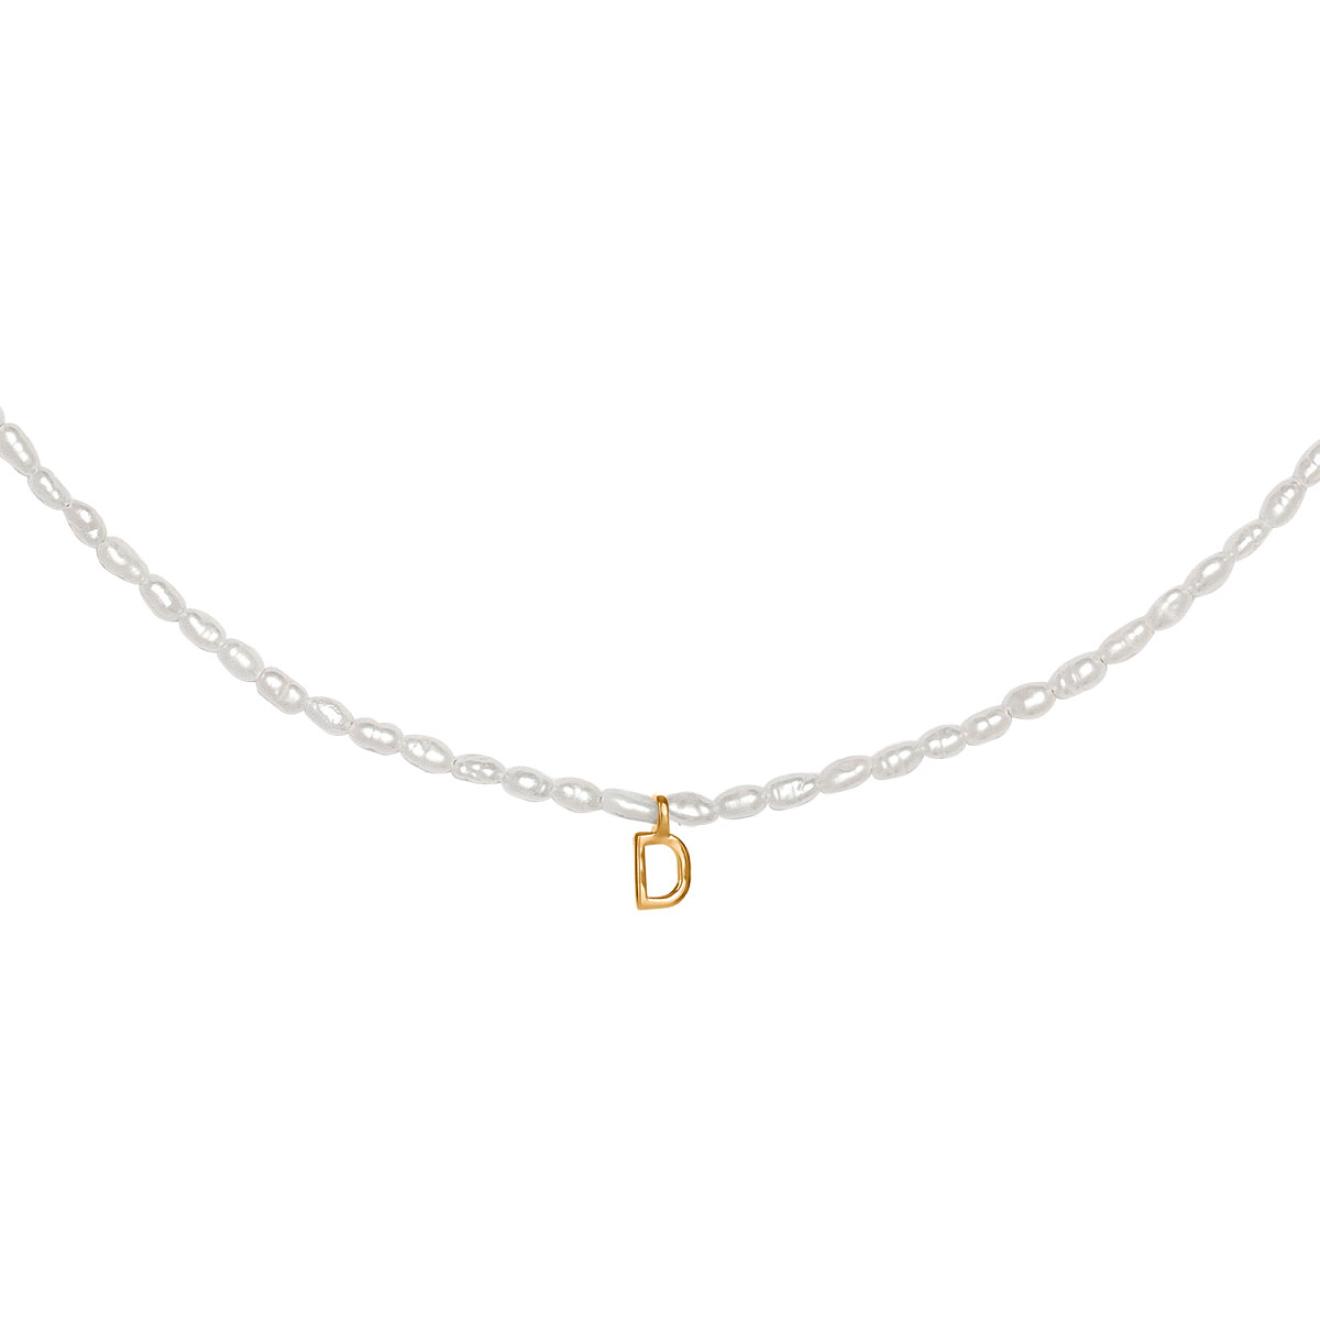 Фото - Ringstone Жемчужное ожерелье из серебра с позолоченной буквой D ringstone жемчужное ожерелье с буквой s ringstone